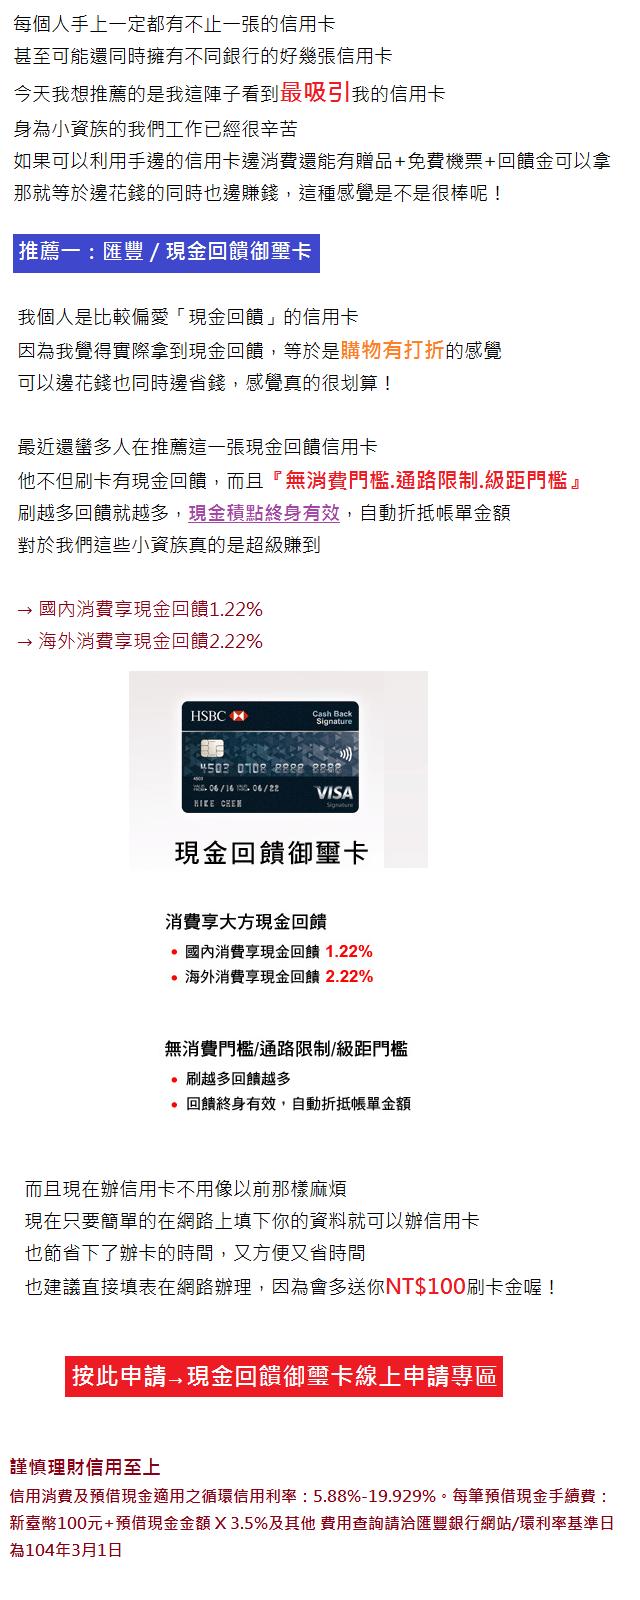 2017信用卡繳稅免手續費 想找回饋最高的現金回饋卡@ PChome 個人新聞臺